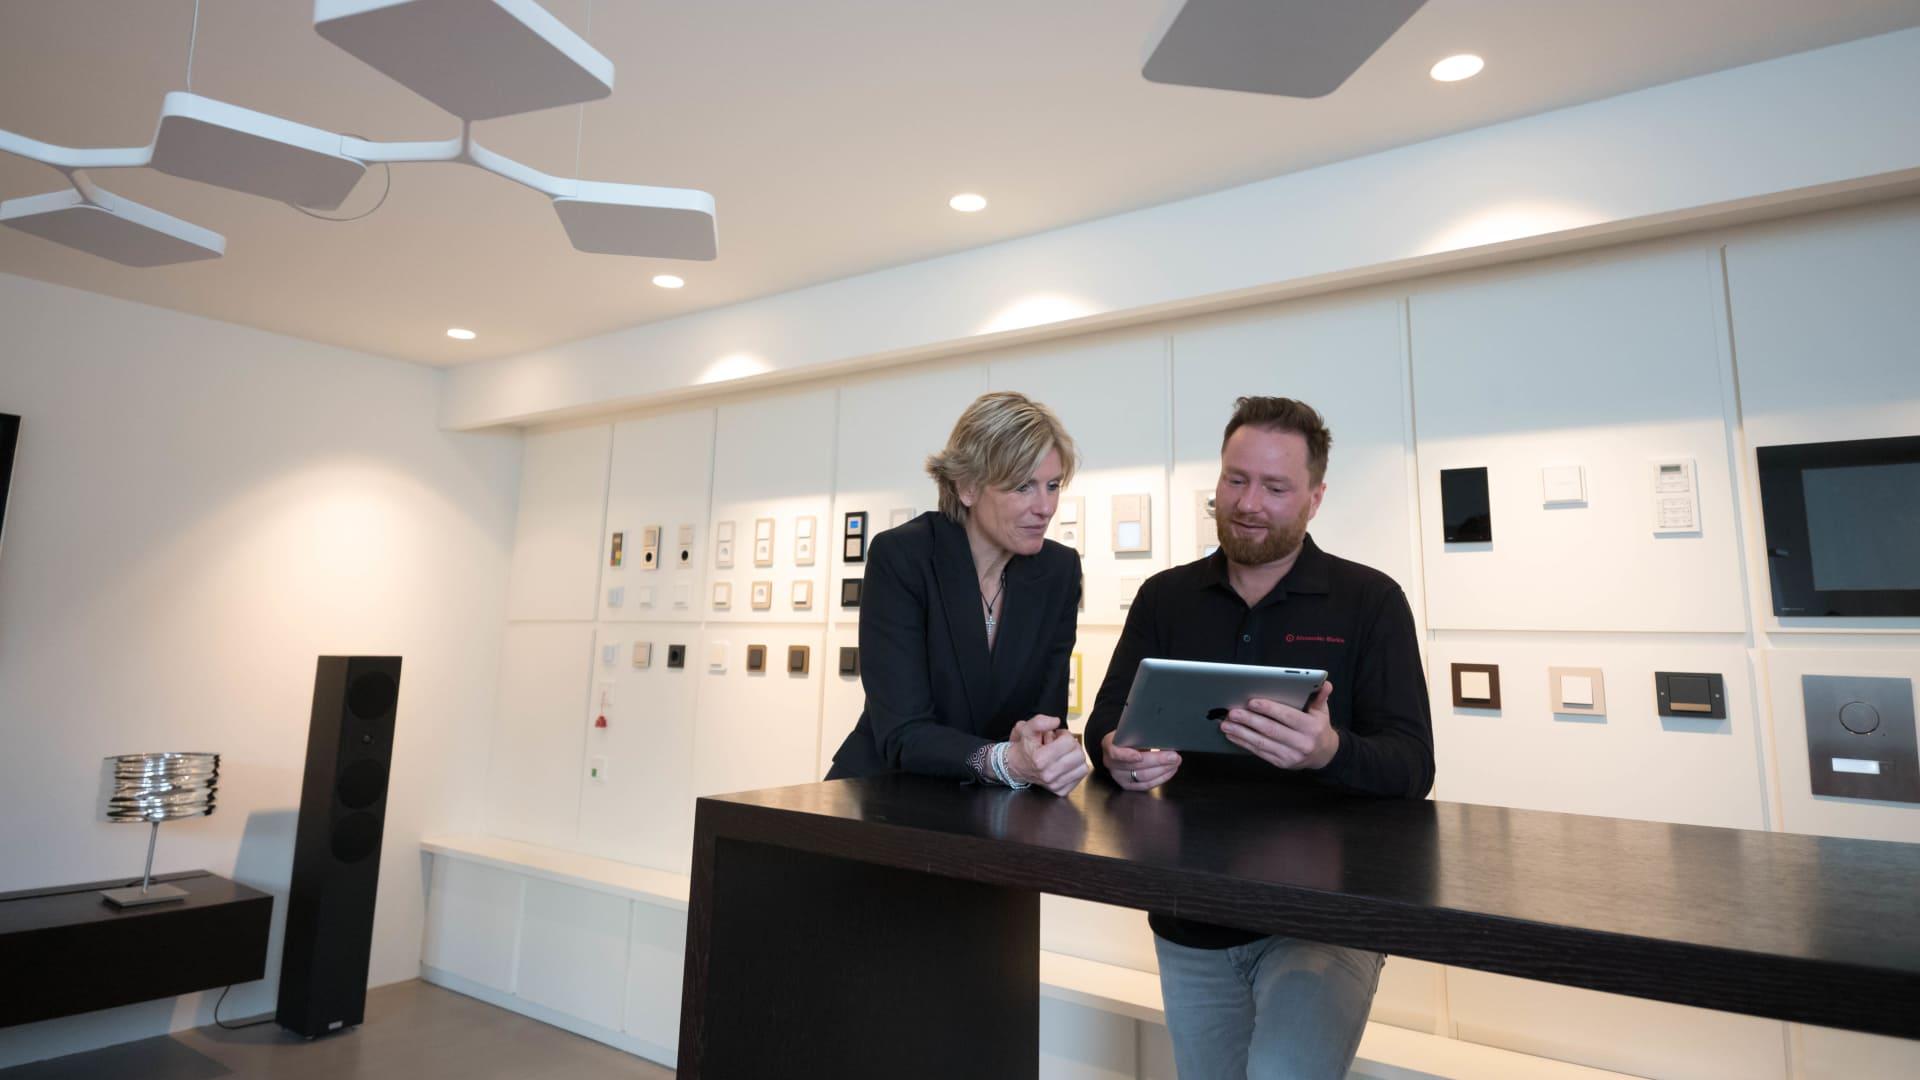 Mann berät Frau mit einem Tablet in einem Verkaufsraum